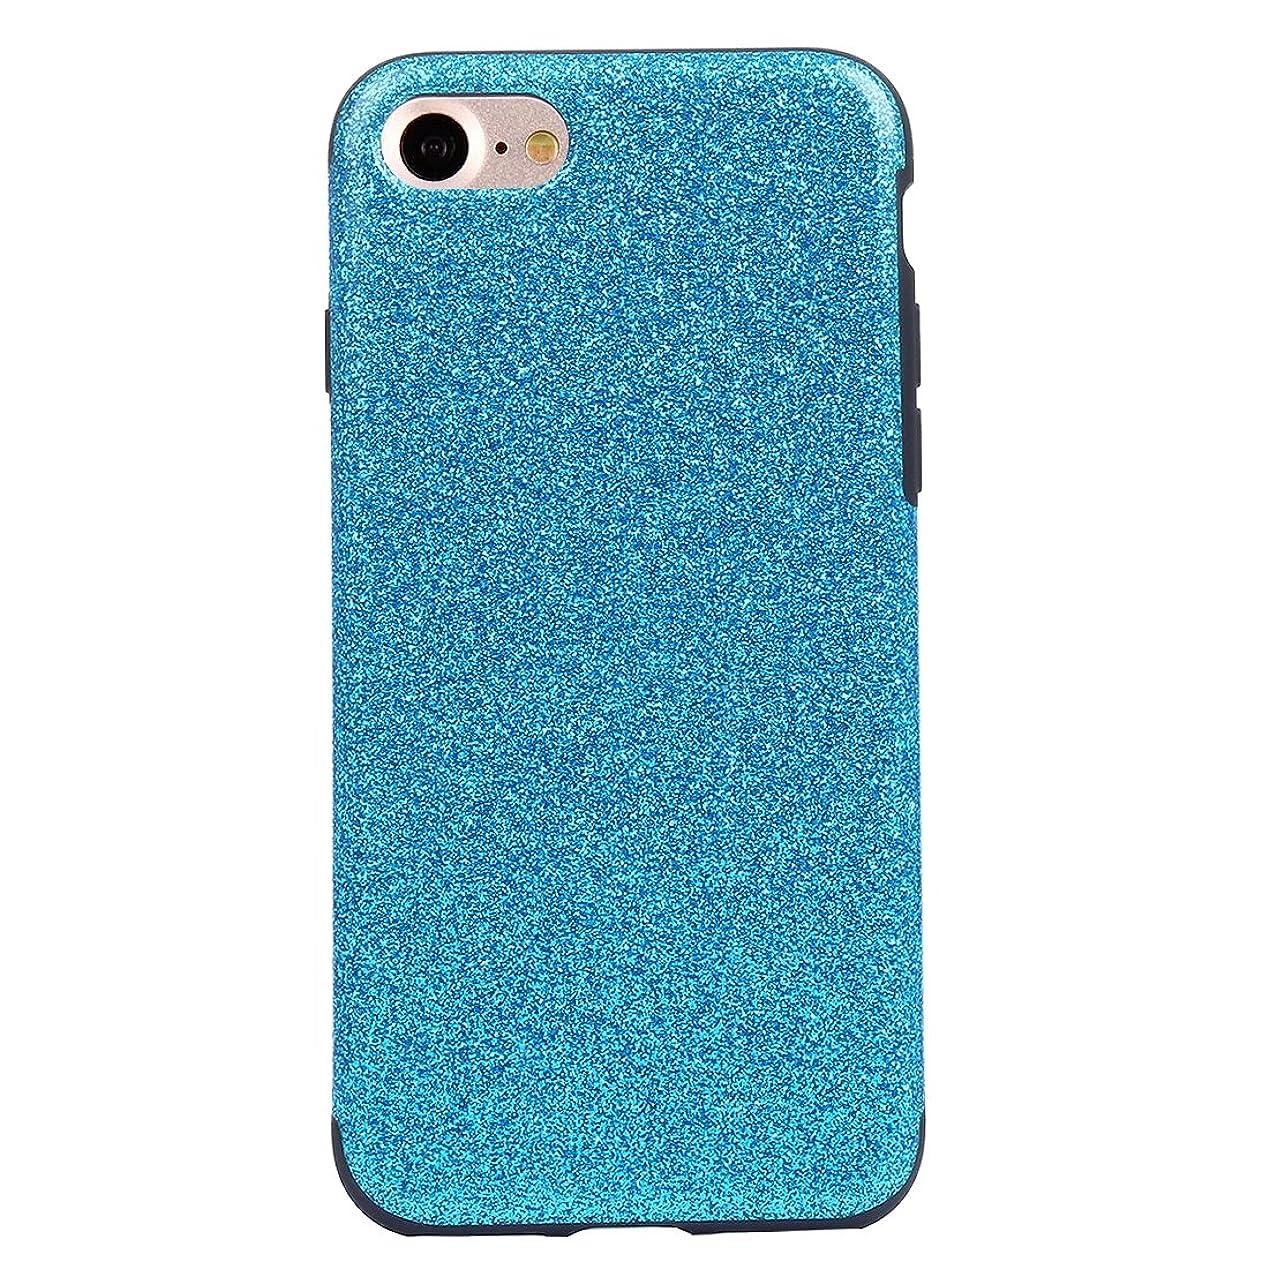 凍った確立します一族IPhone 8および7に最適グリッターパウダーPUペーストスキンソフトTPU保護ケース(ブラック) Yikaja (色 : Blue)